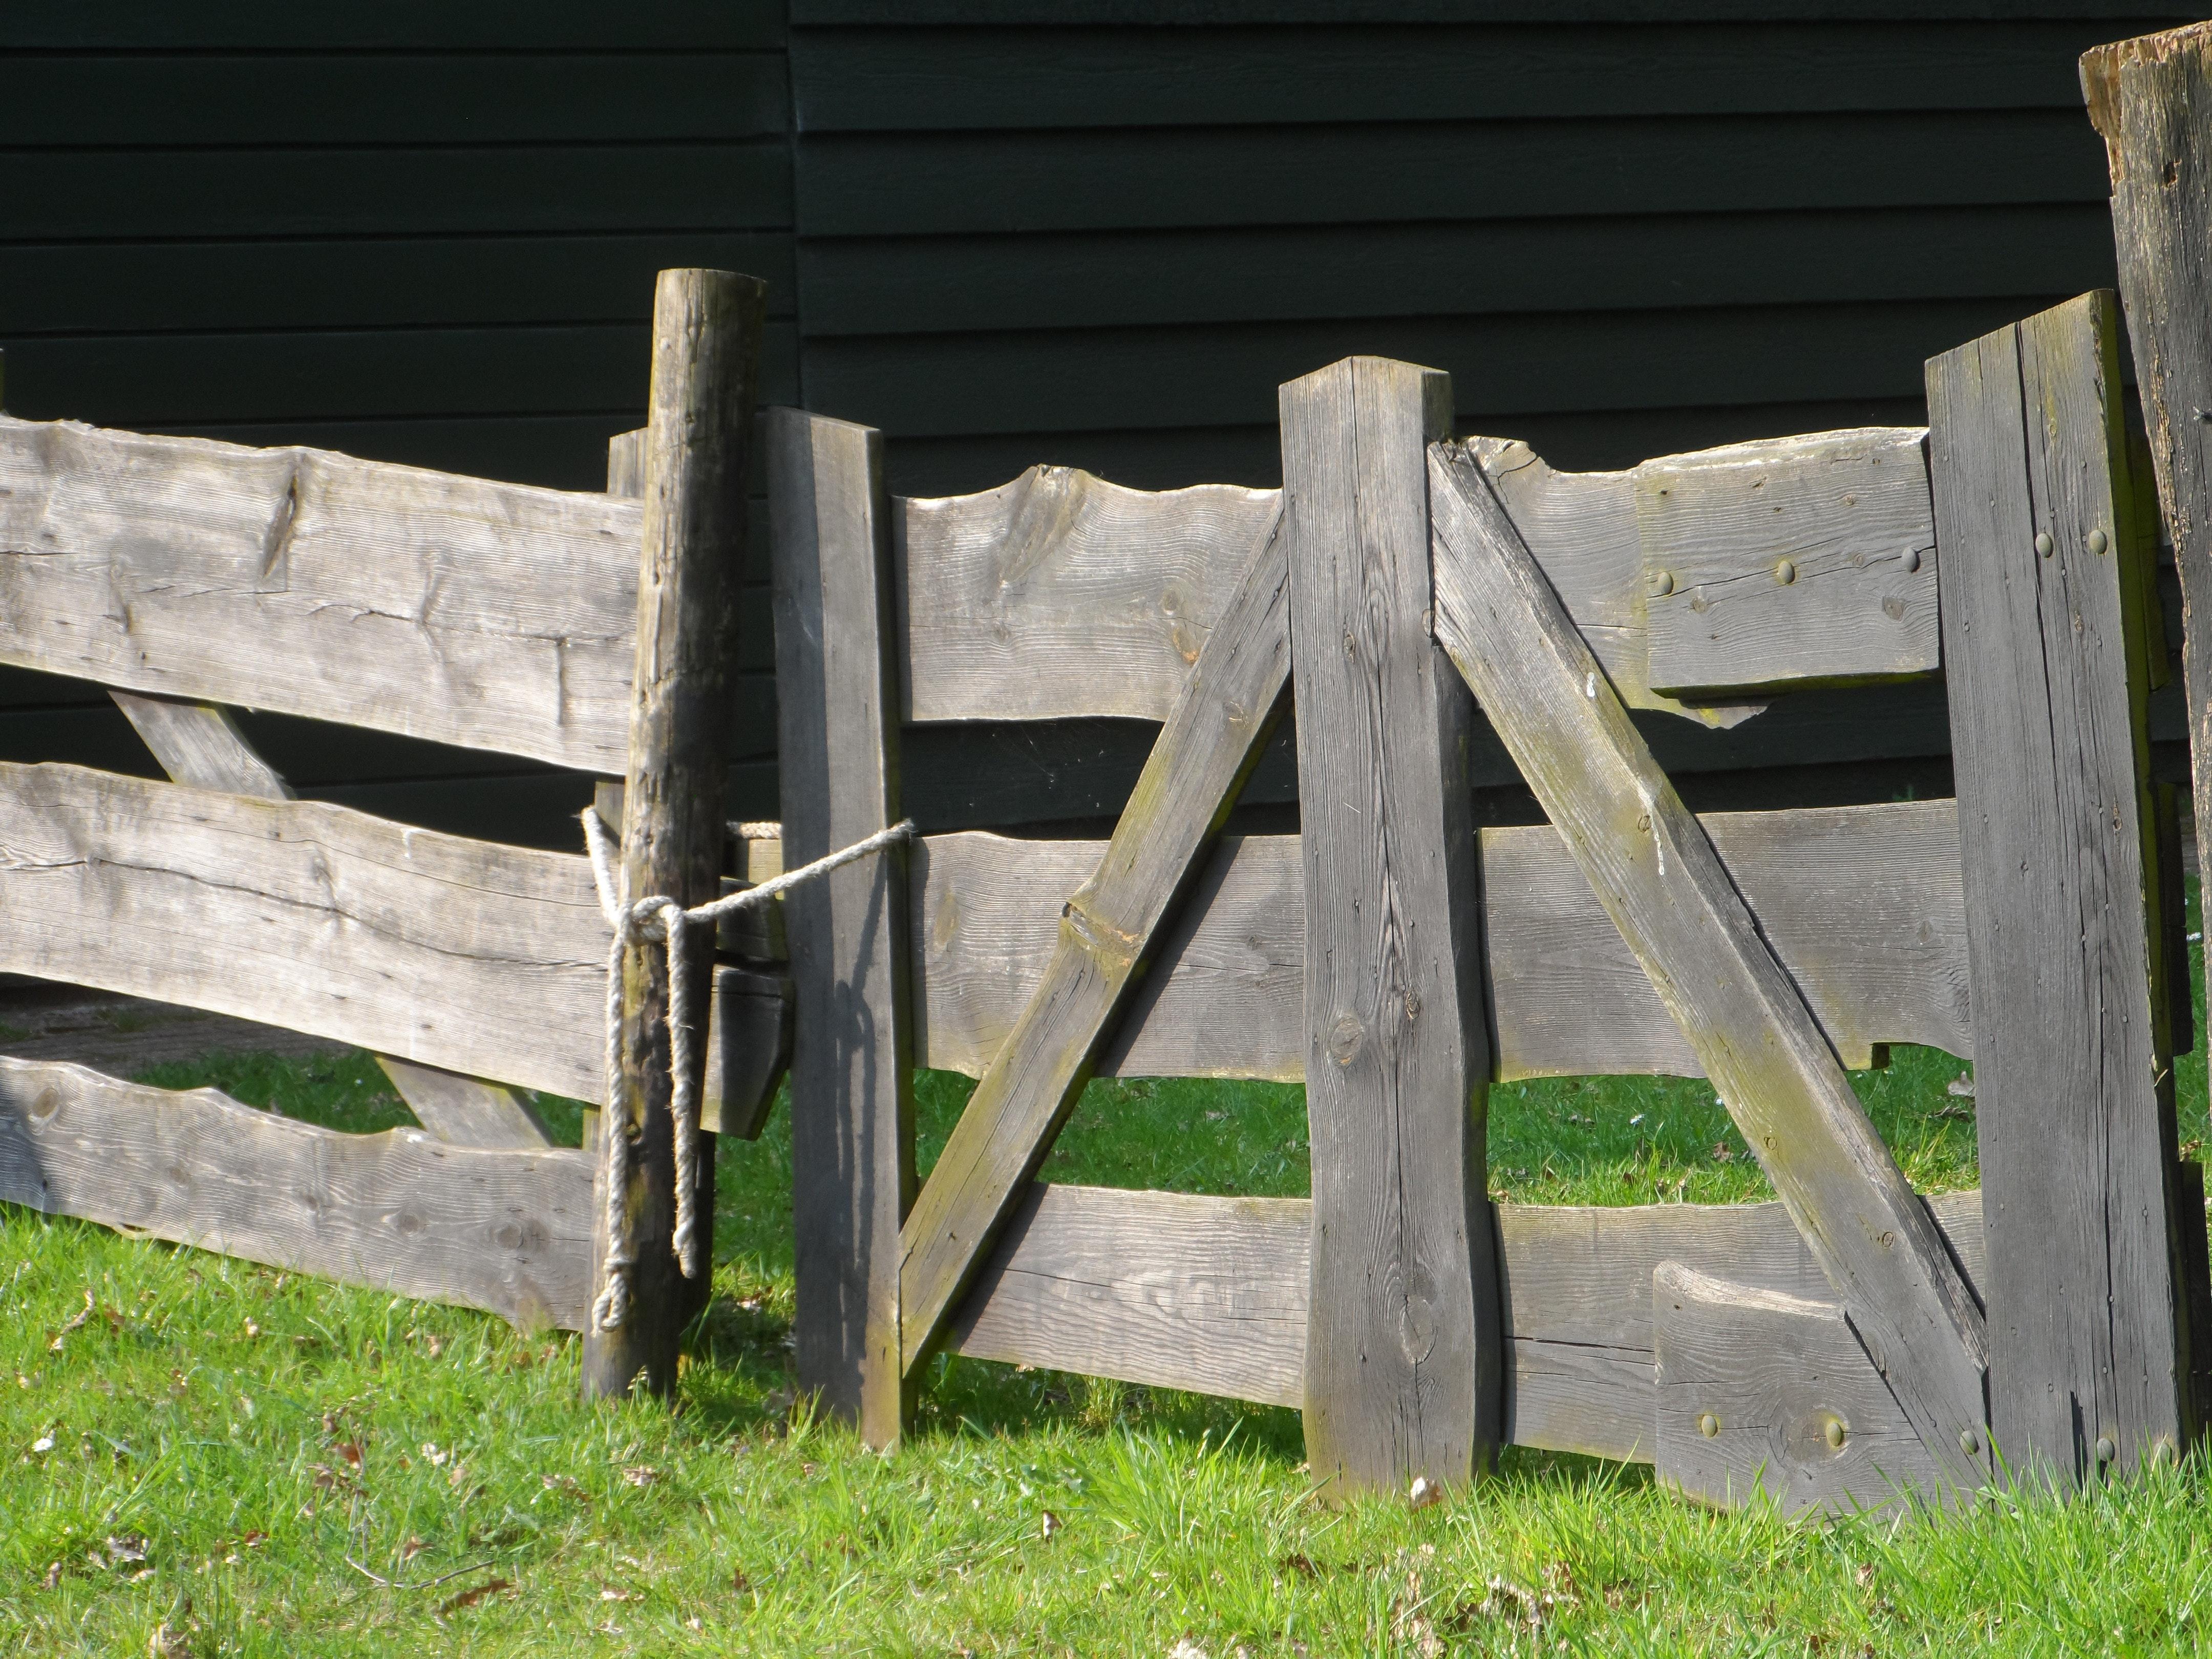 wood farm fence. Free Download Wood Farm Fence